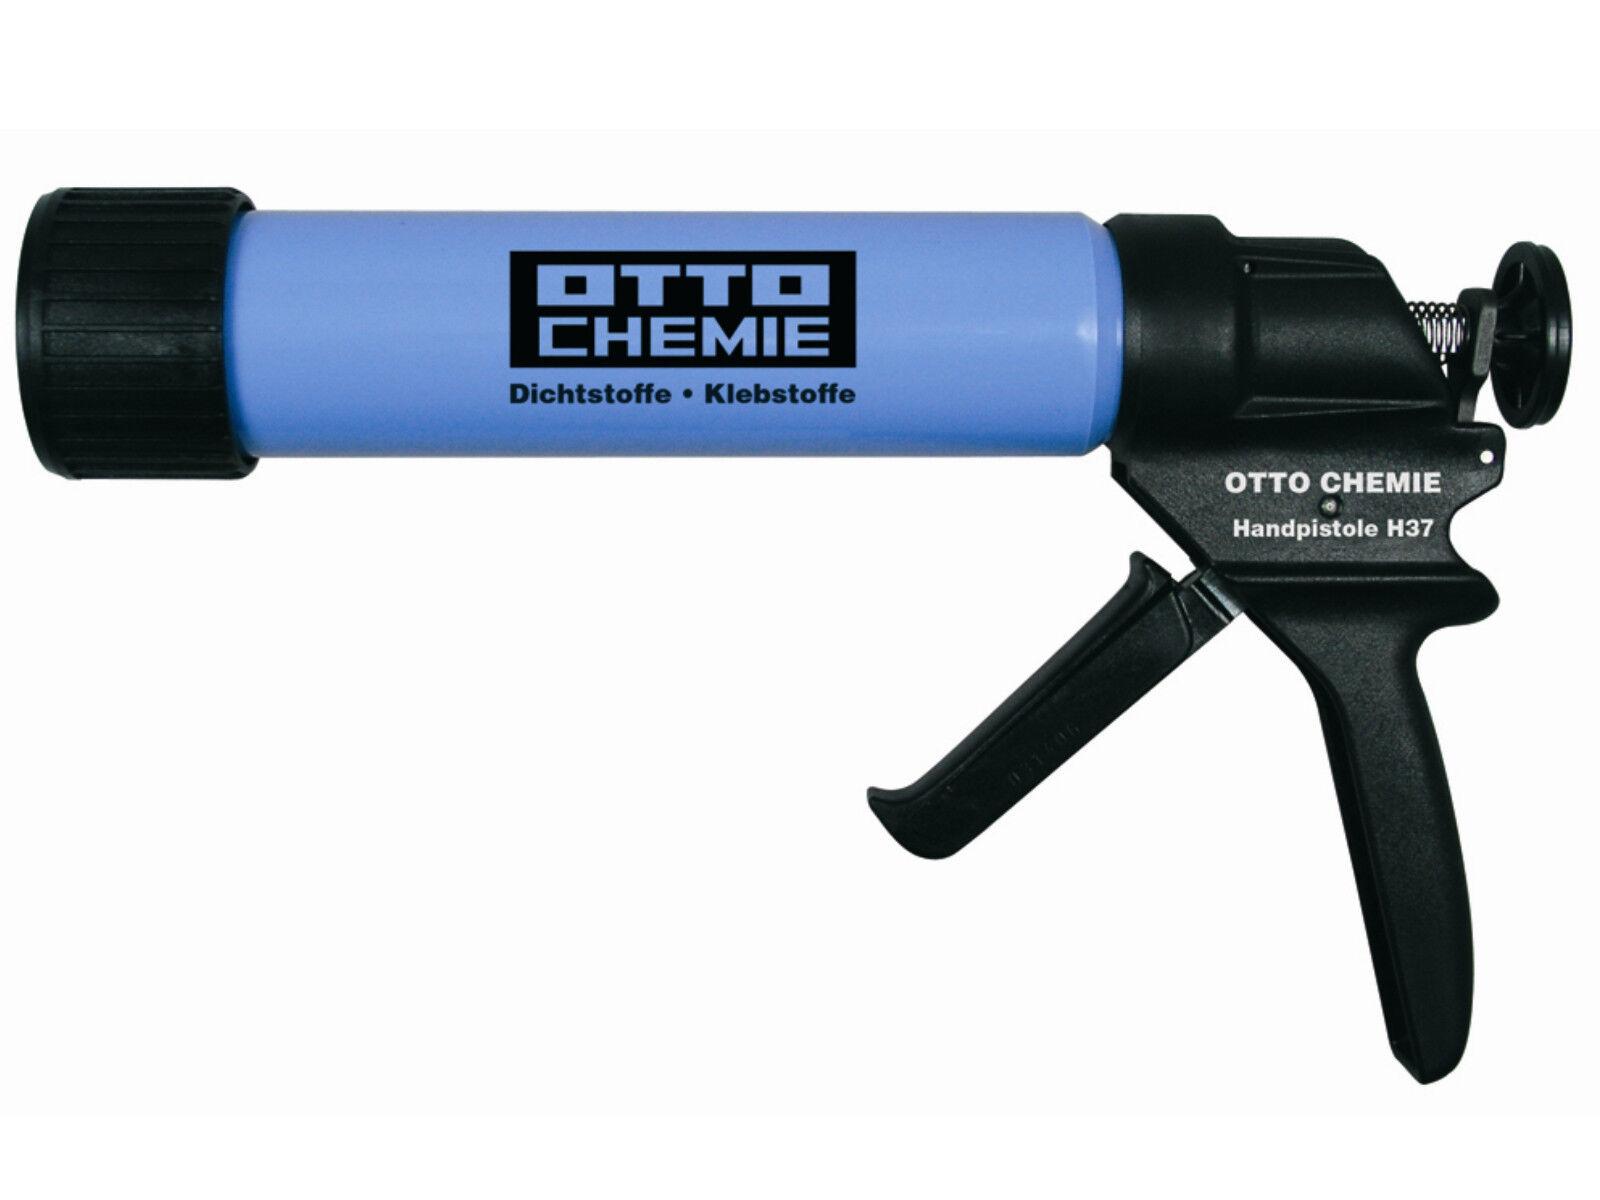 OTTO Handpress-Pistole Handpress-Pistole Handpress-Pistole H 37 Siliconpresse Silikonspritze Silikon PCI Carraferm | Guter Markt  | Der neueste Stil  | Exquisite Handwerkskunst  5b0a0c